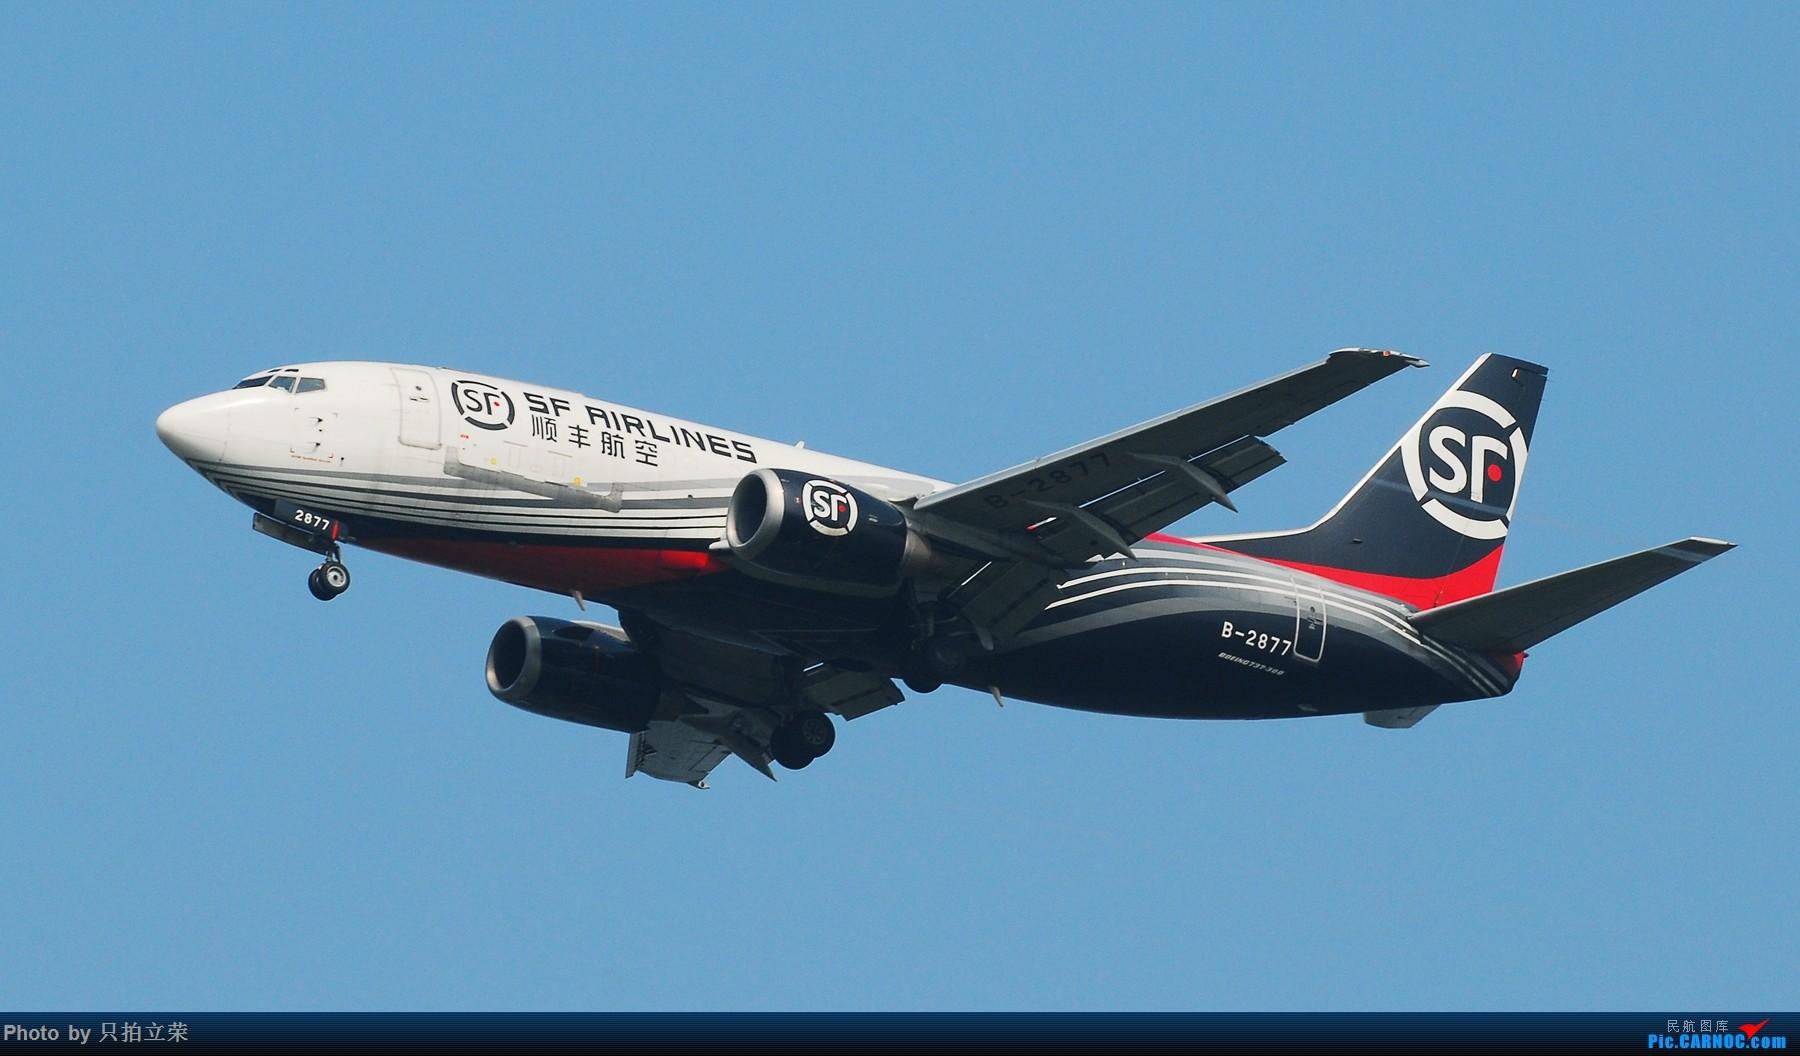 Re:[原创]几个月没拍机,黄花机场走一圈。长沙也有好货啊! BOEING 737-300 B-2877 中国长沙黄花国际机场